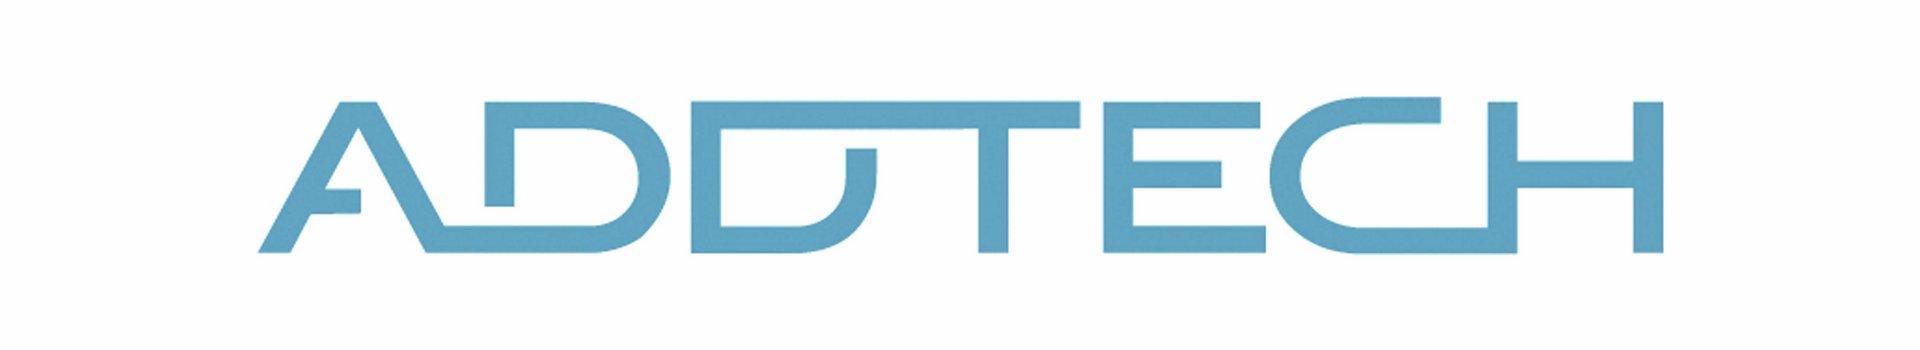 FB Gruppe ist Teil der schwedischen Unternehmensgruppe Addtech, dessen Logo abgebildet ist